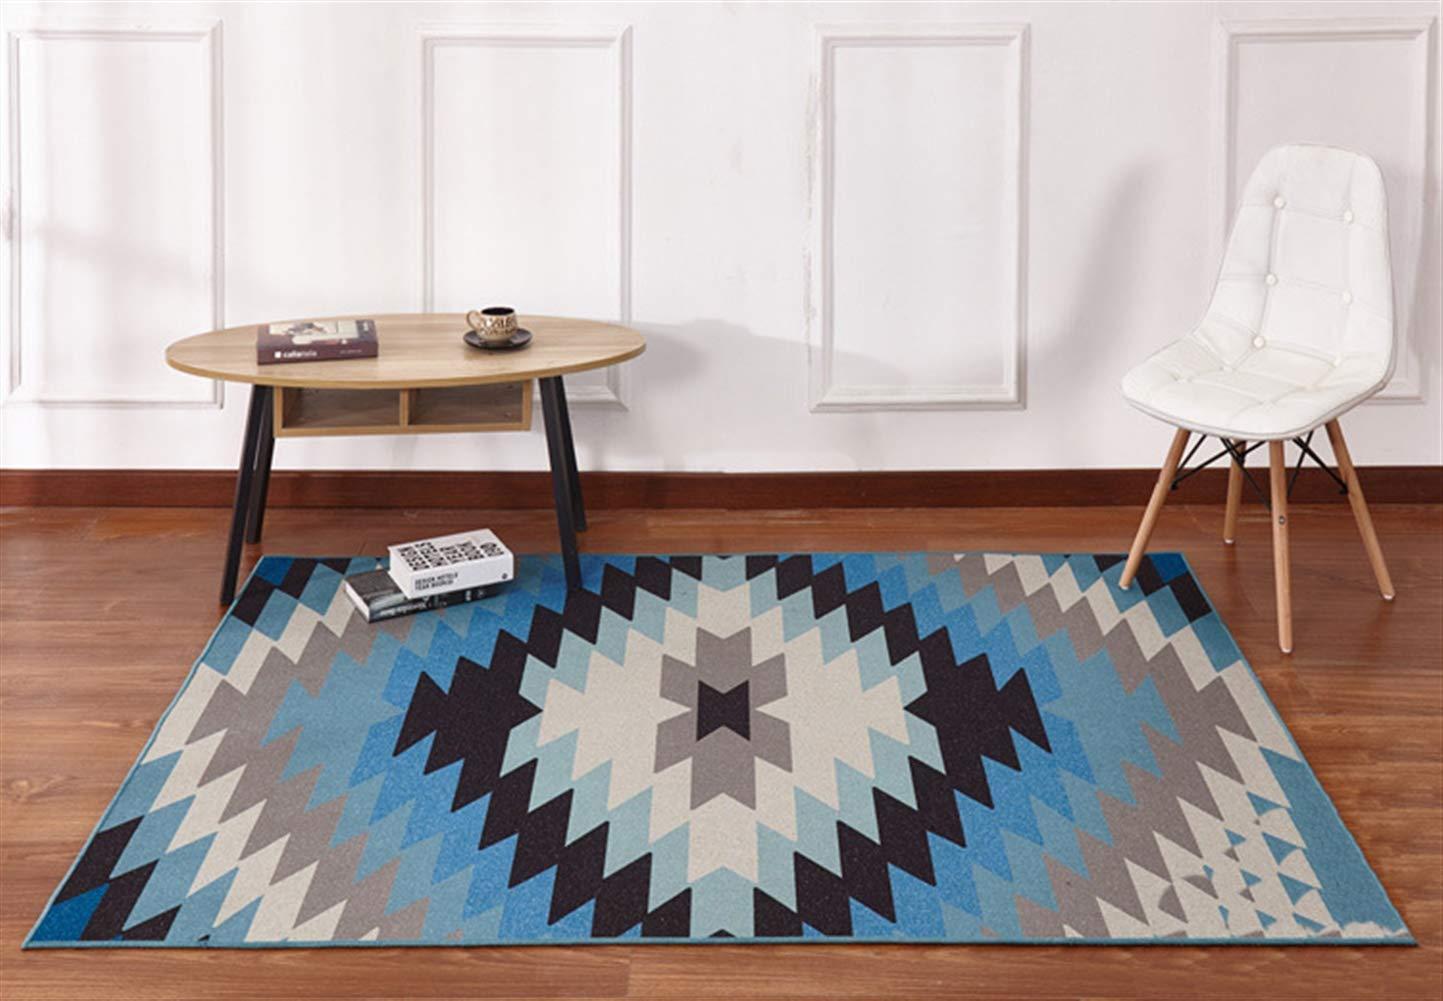 Tappeti Per Bambini Lavabili : Icegrigio tappeto rettangolare rettangolare tappeto moderno